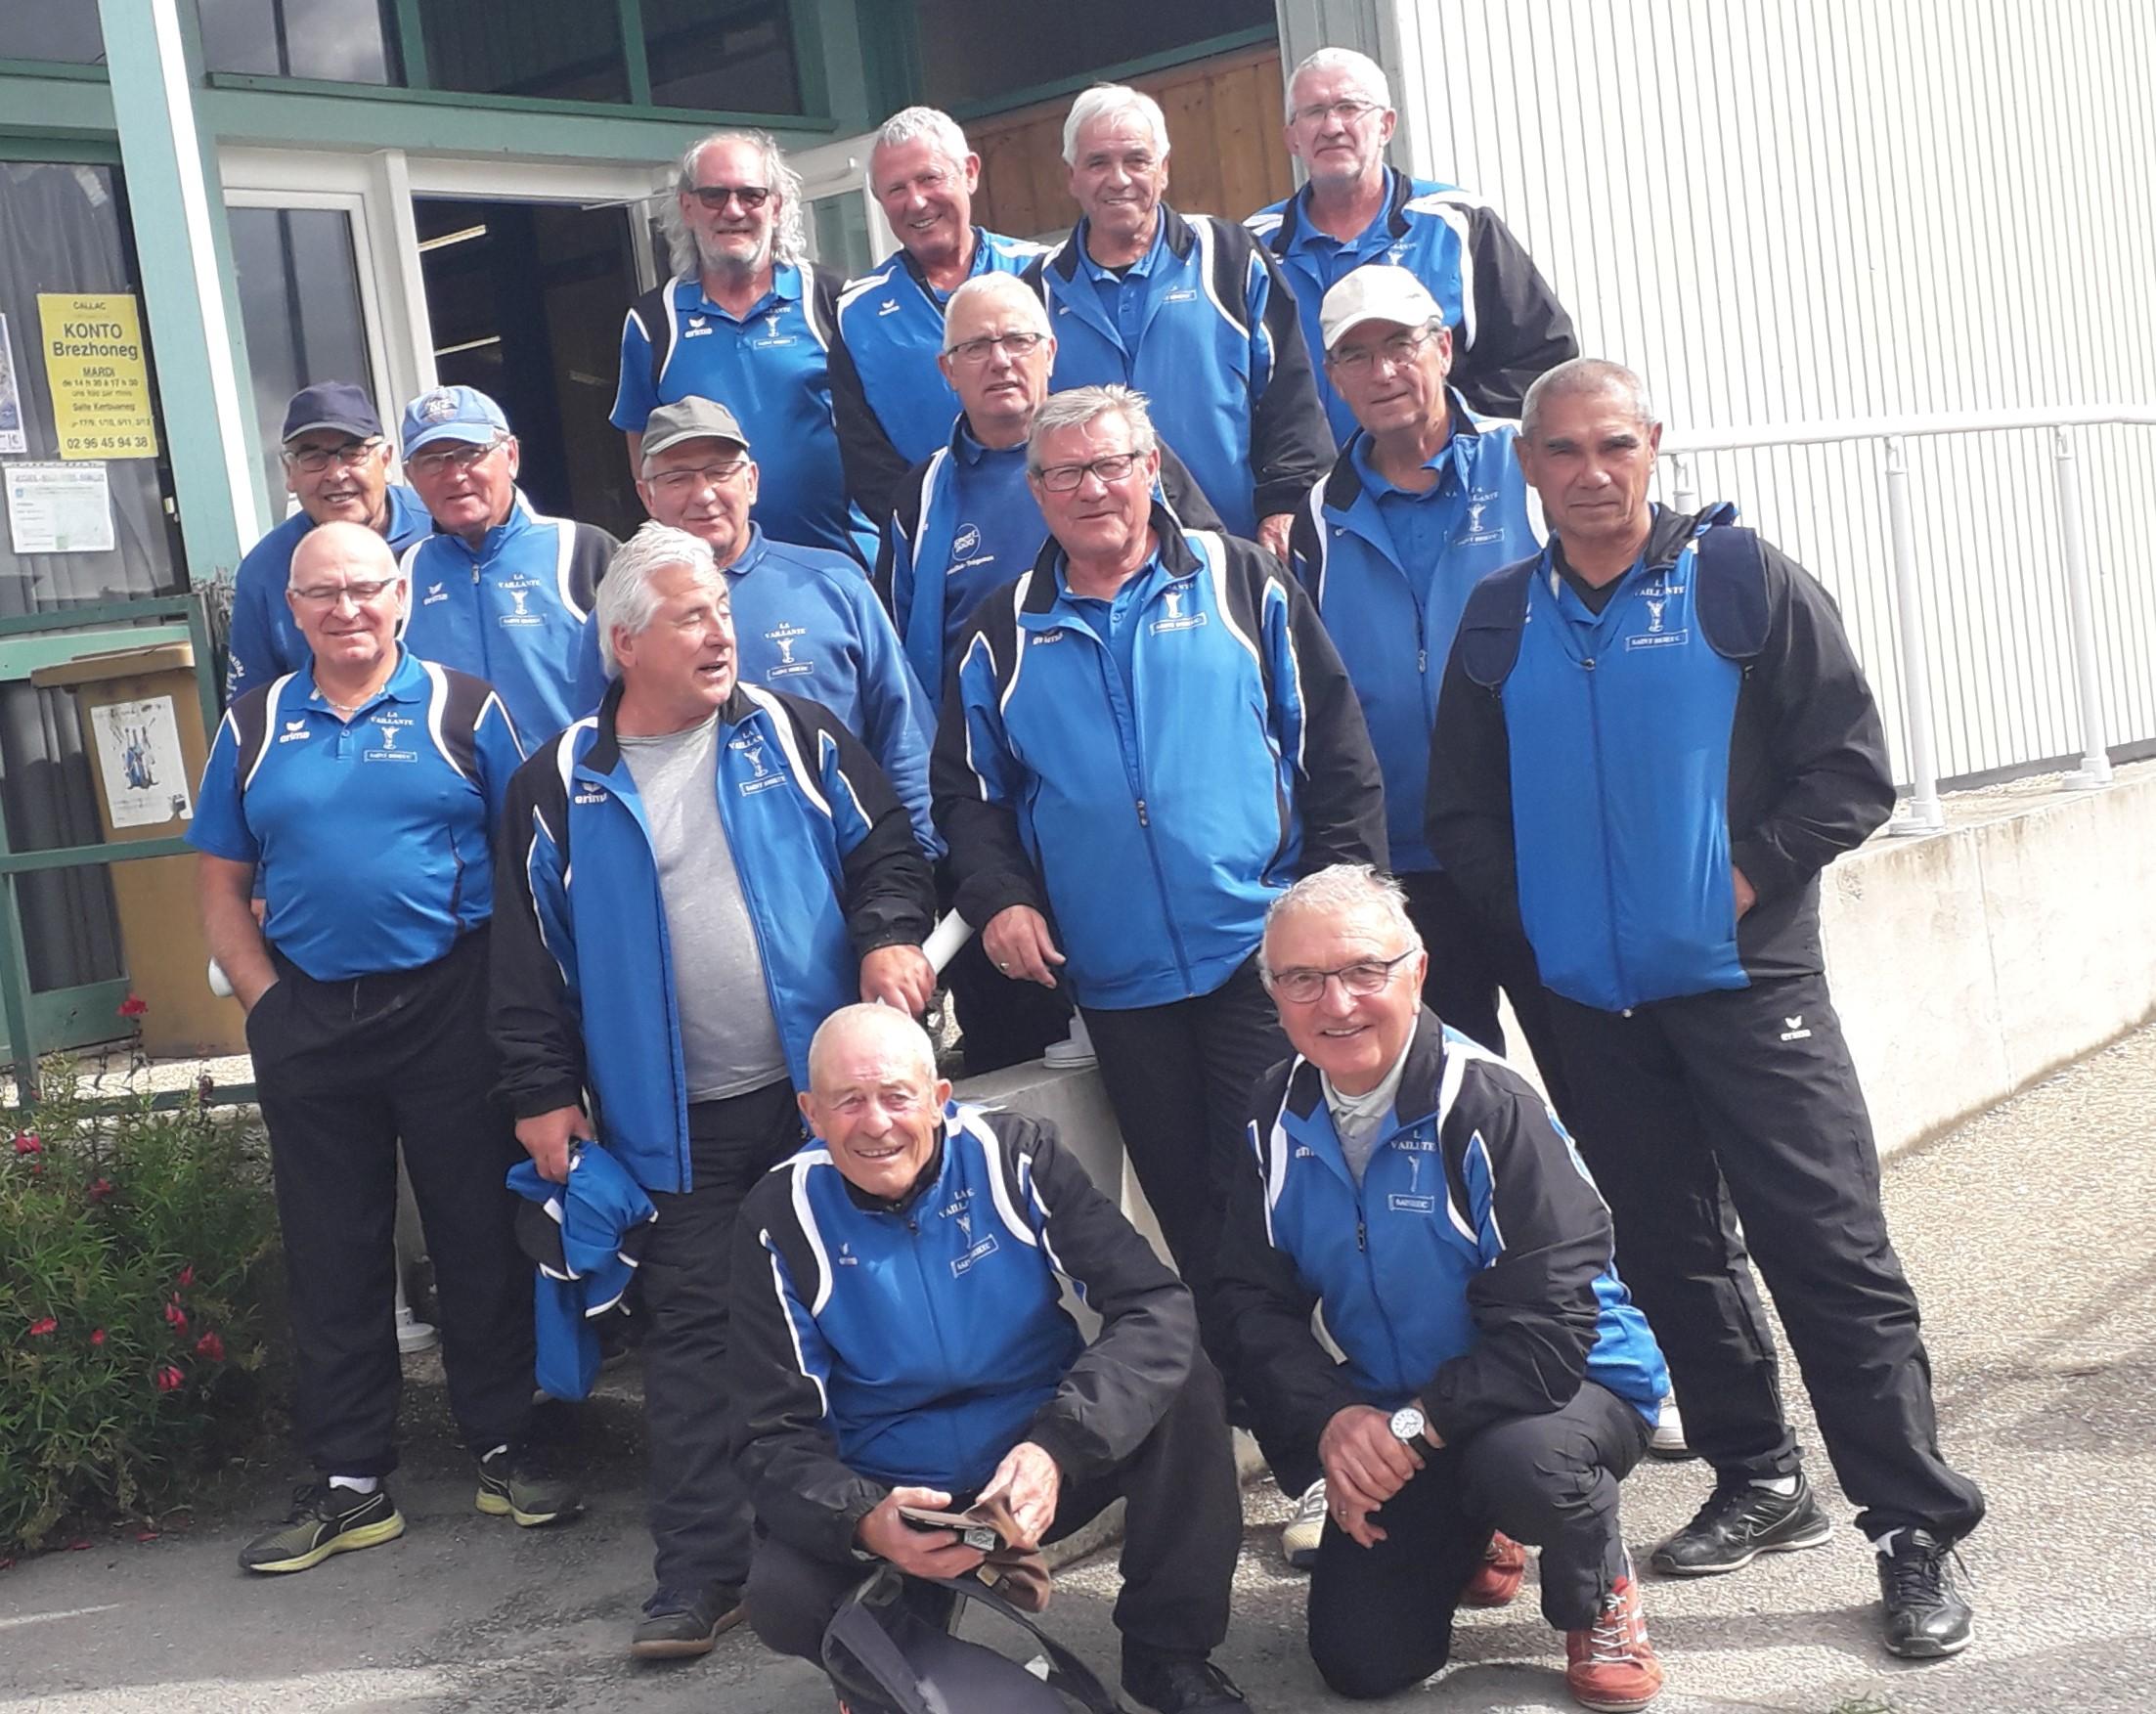 championnat départemental doublette vétérans à Callac